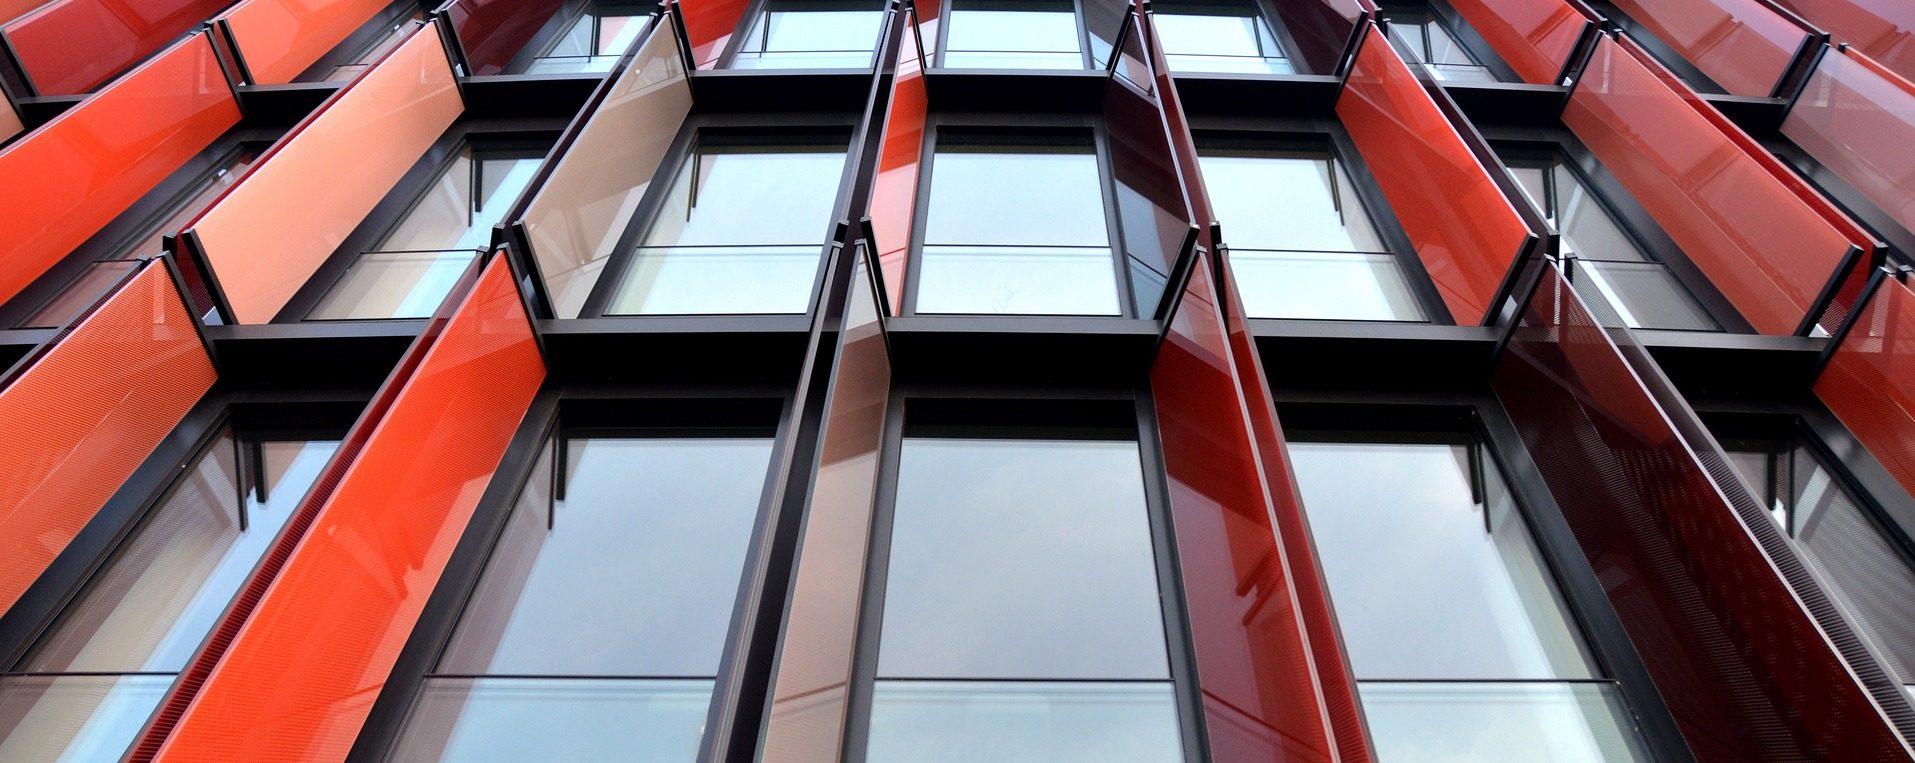 Welche Fenster für Altbau? Lamellenfenster Welche Fenster zu welchem Haus? Schiebefenster Doppelkastenfenster Sprossenfenster